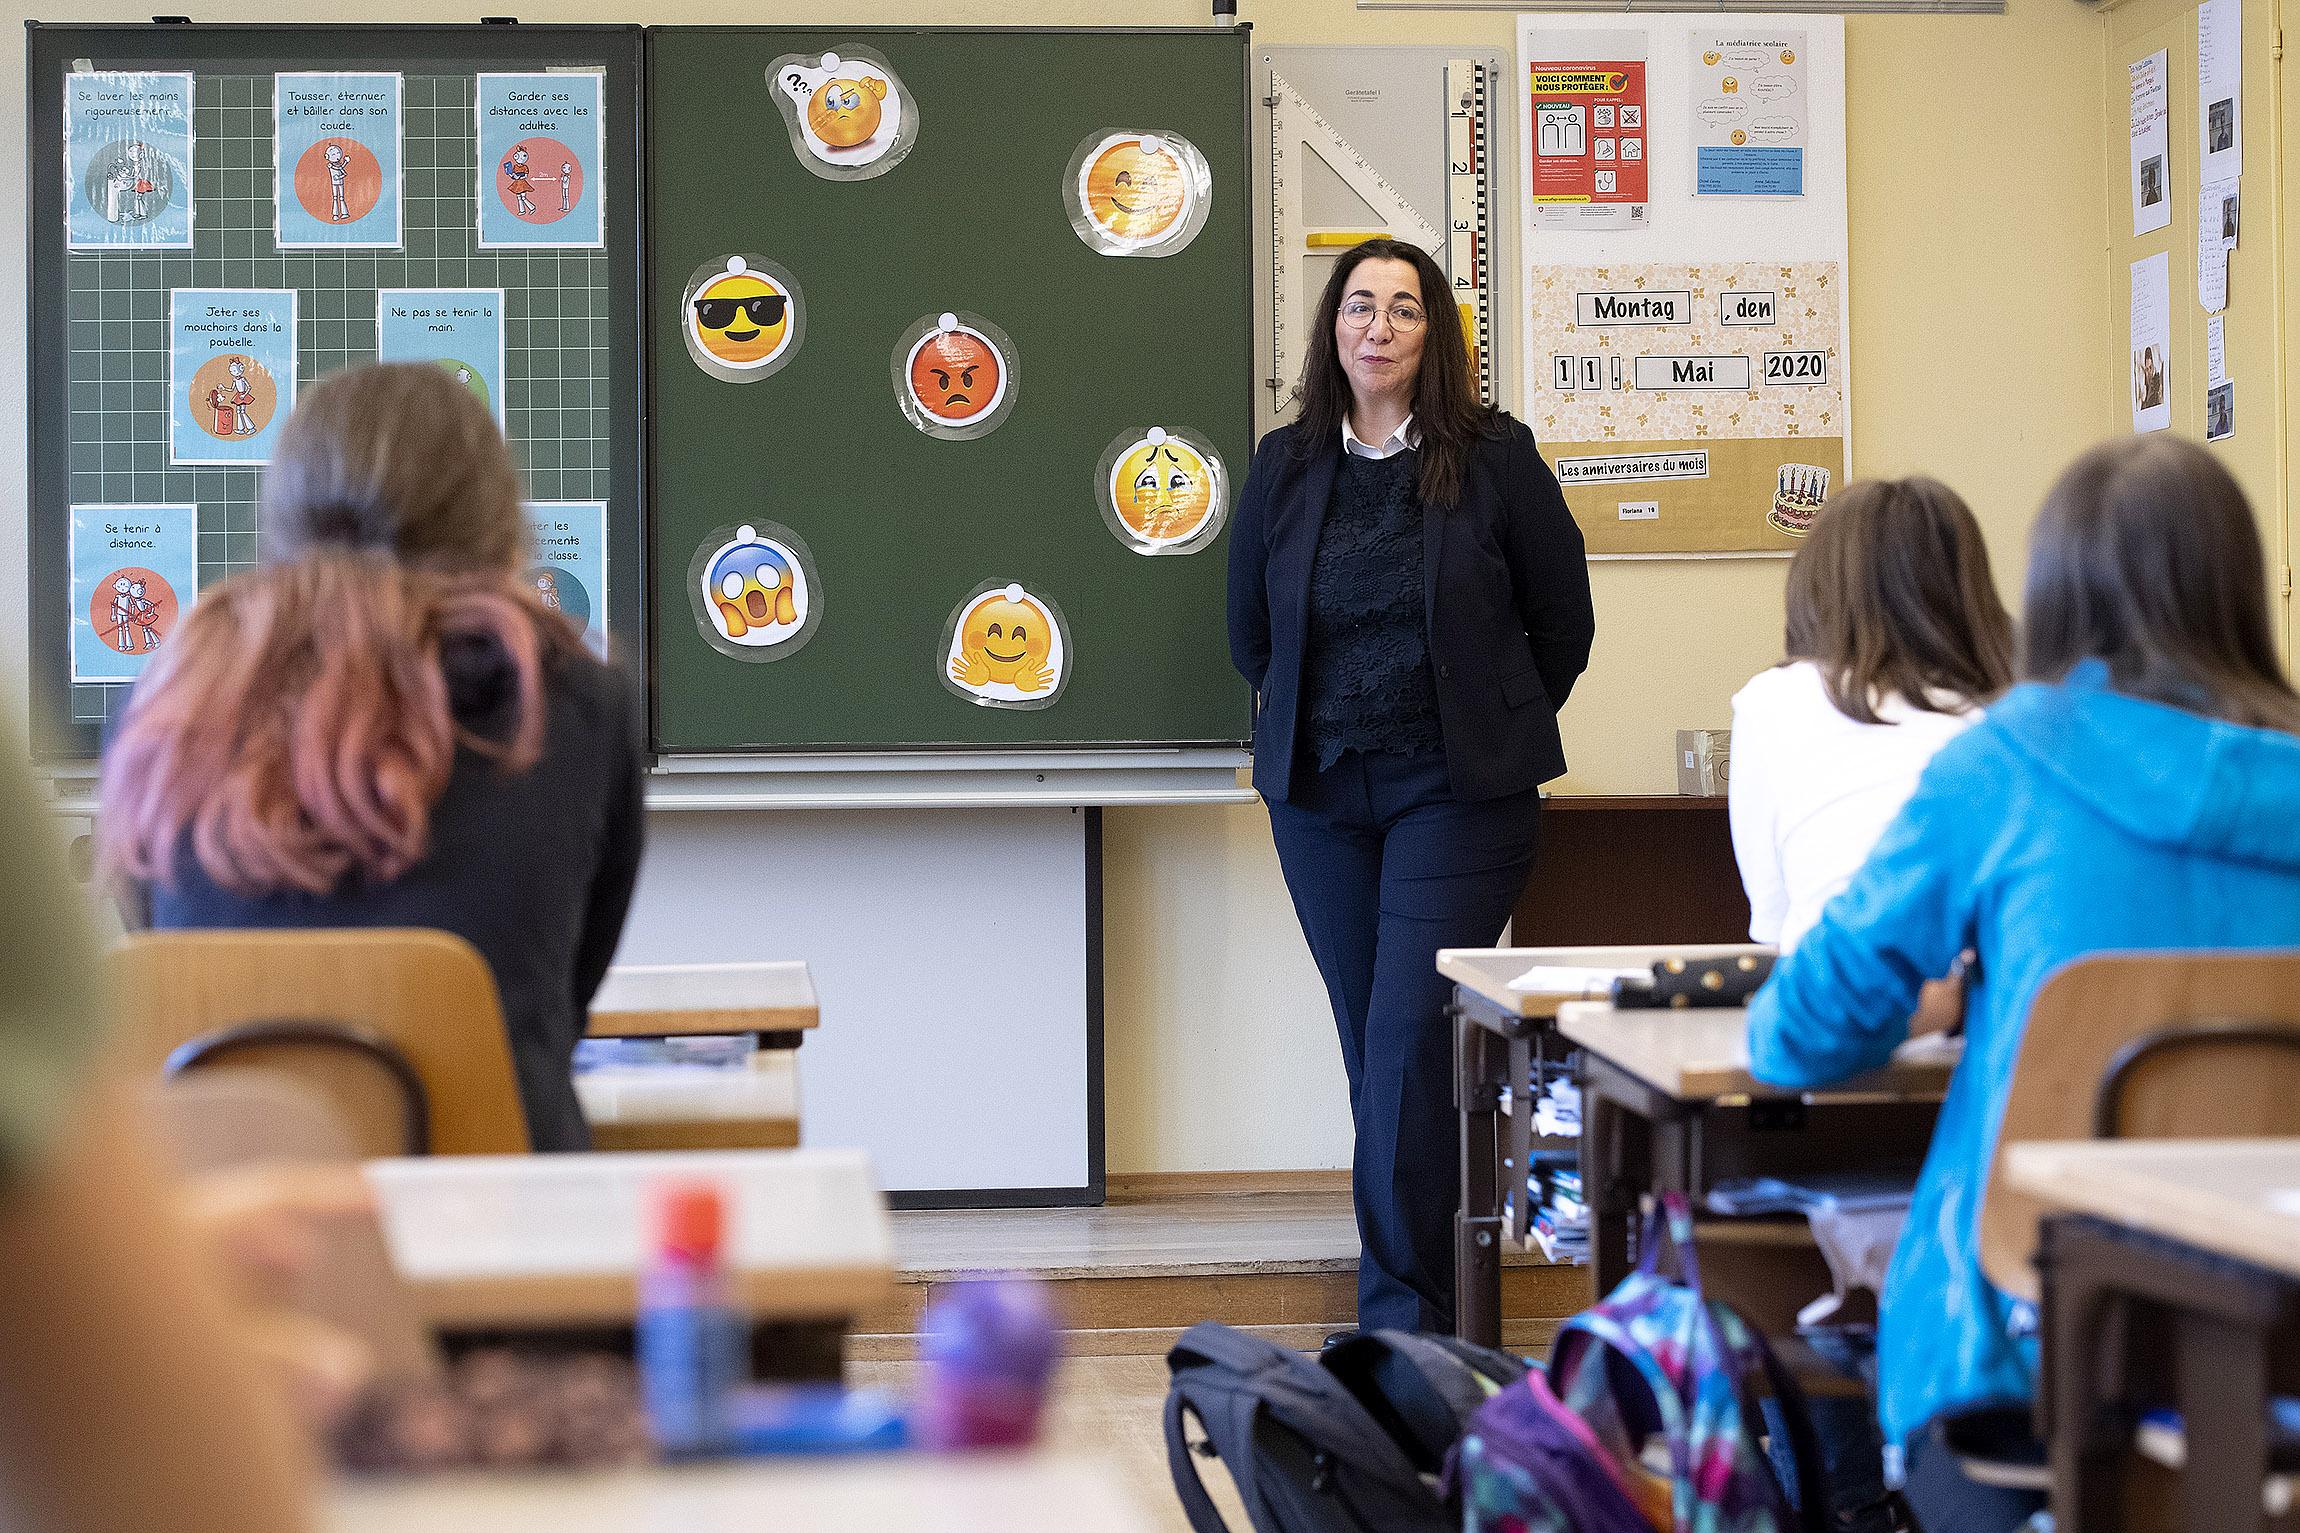 L'école vaudoise va mettre de l'ordre dans ses notes